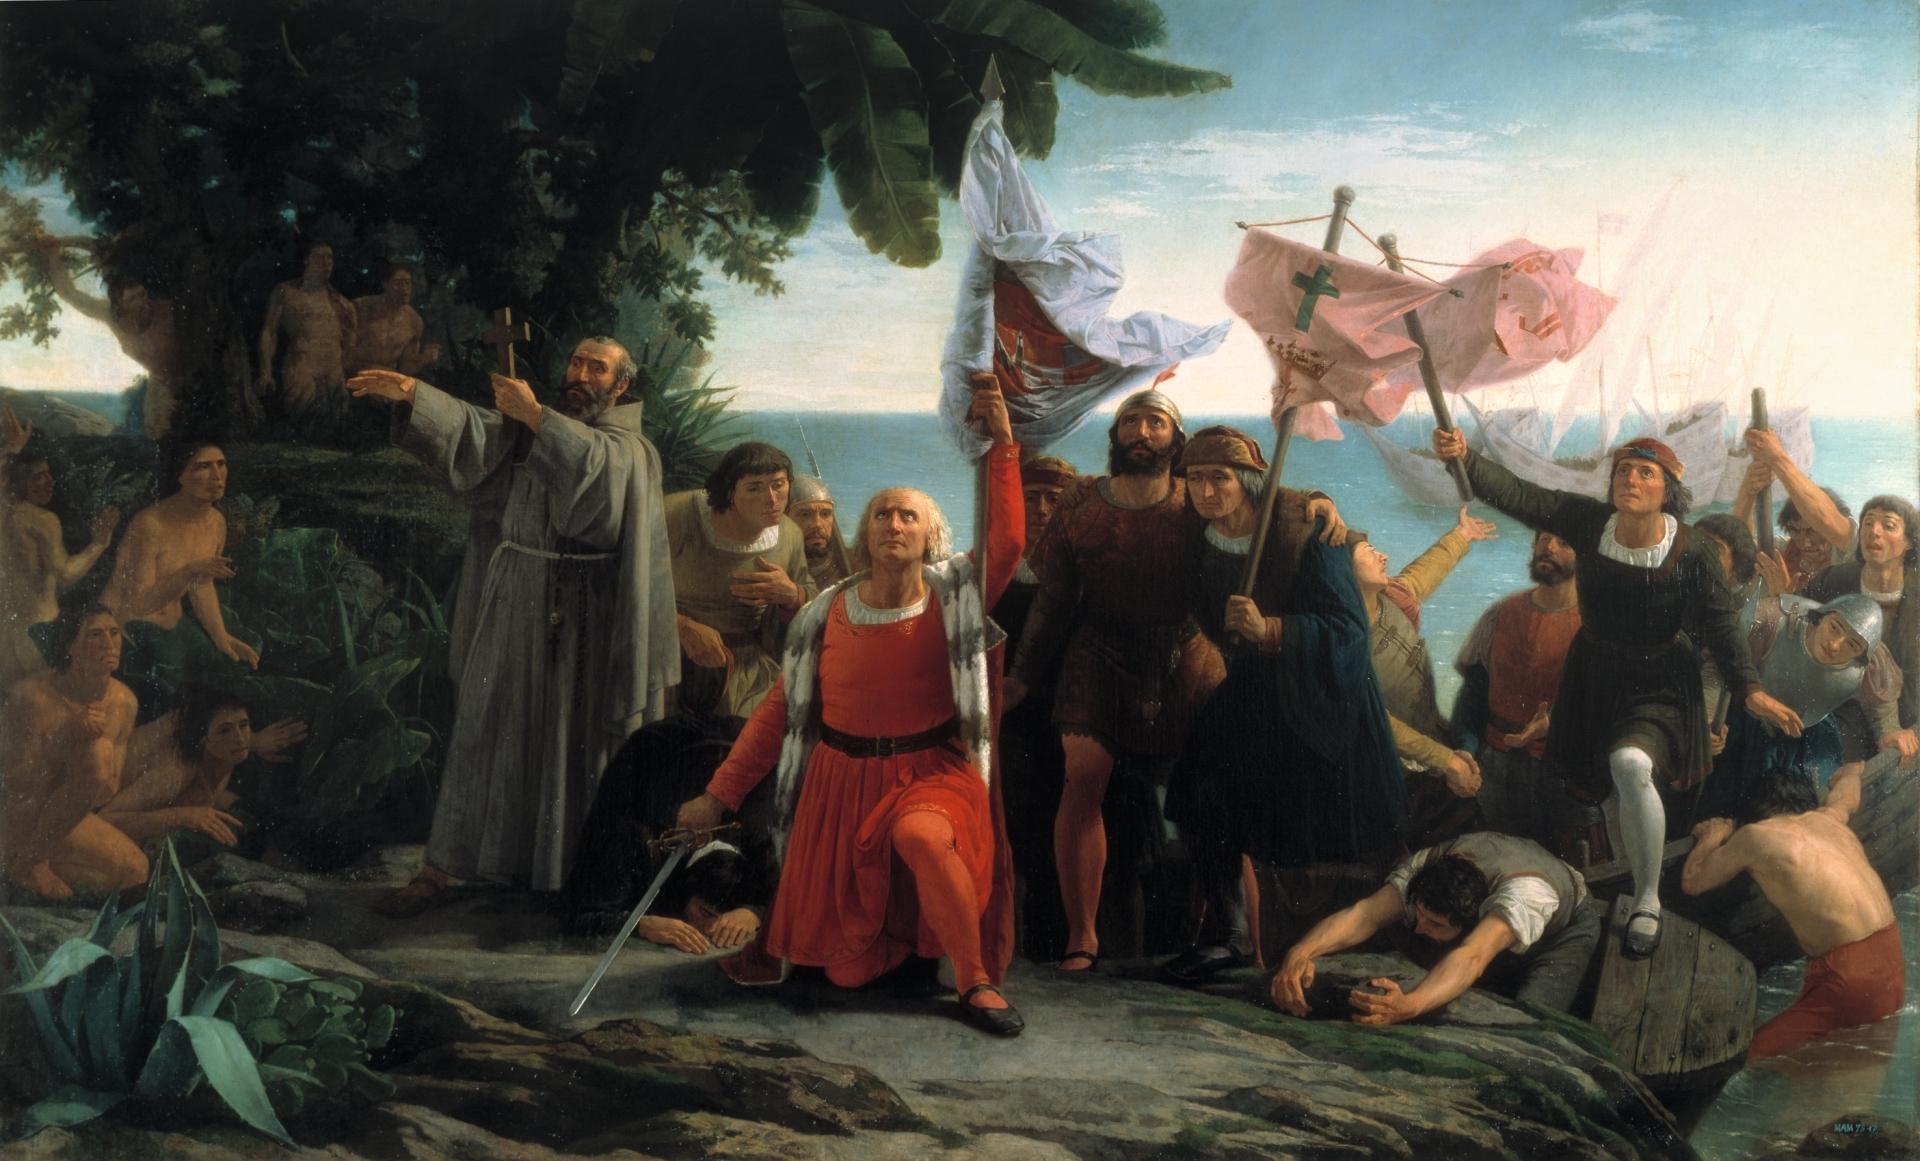 Han pasado 528 años desde que Cristóbal Colón posó sus pies sobre la isla de Guanahaní / Foto: WC